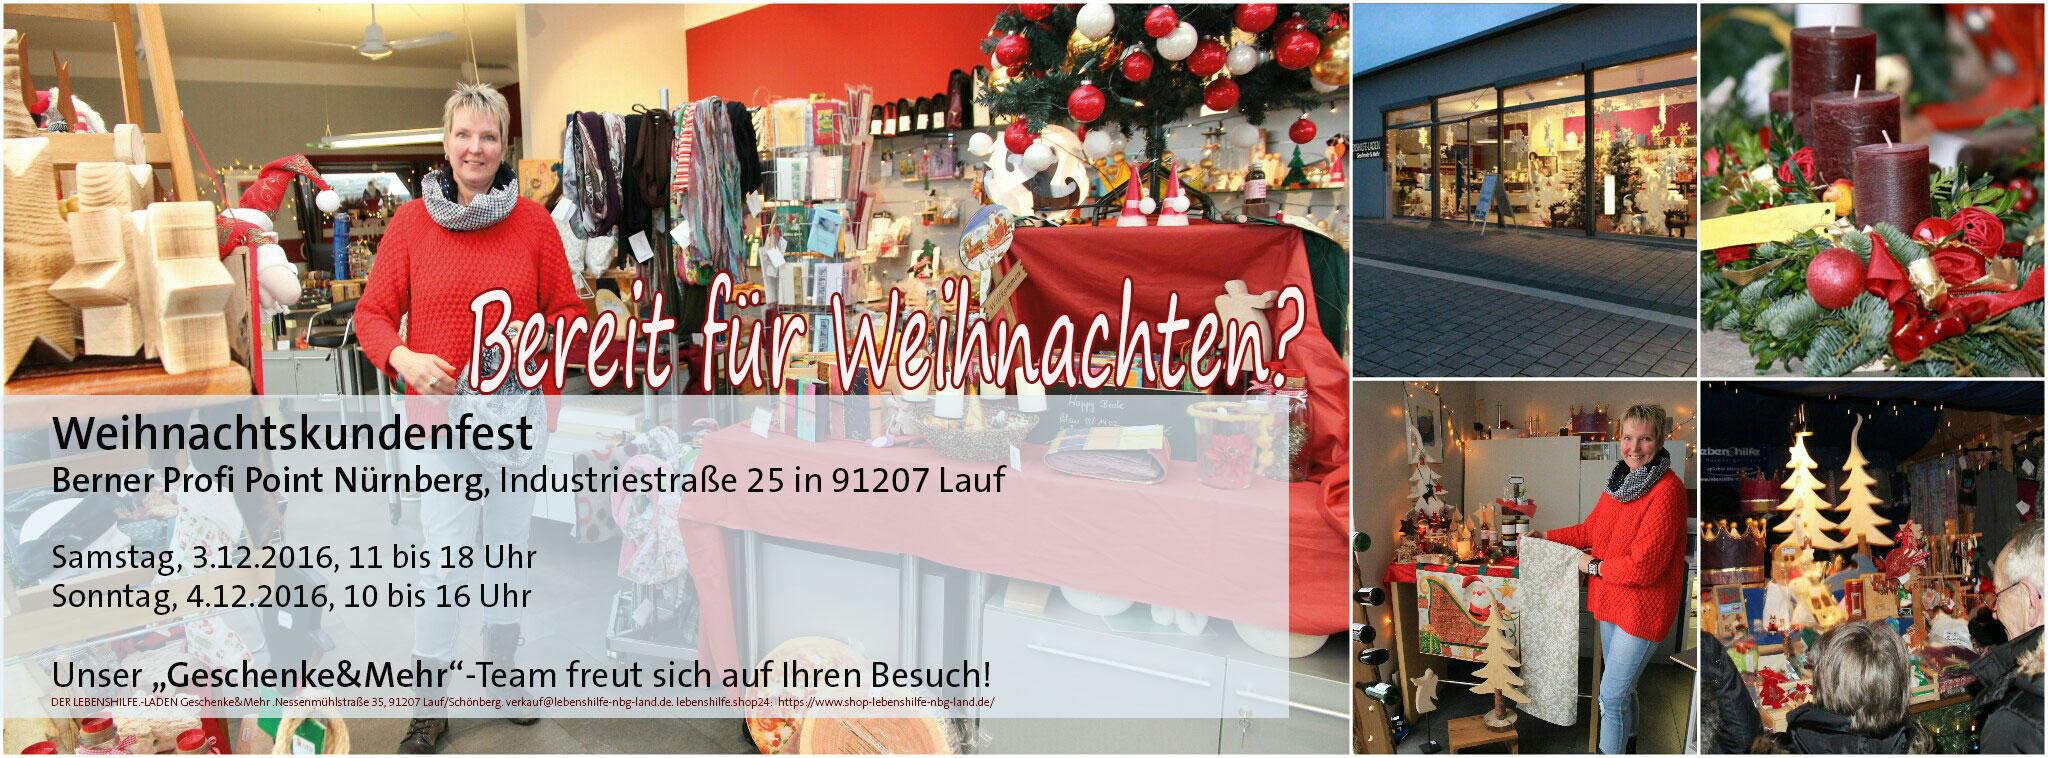 """""""Geschenke&Mehr""""-Team beim Kundenweihnachtsfest der Firma Berner, Profi Point Nürnberg in Lauf: 3./4.12.2016"""